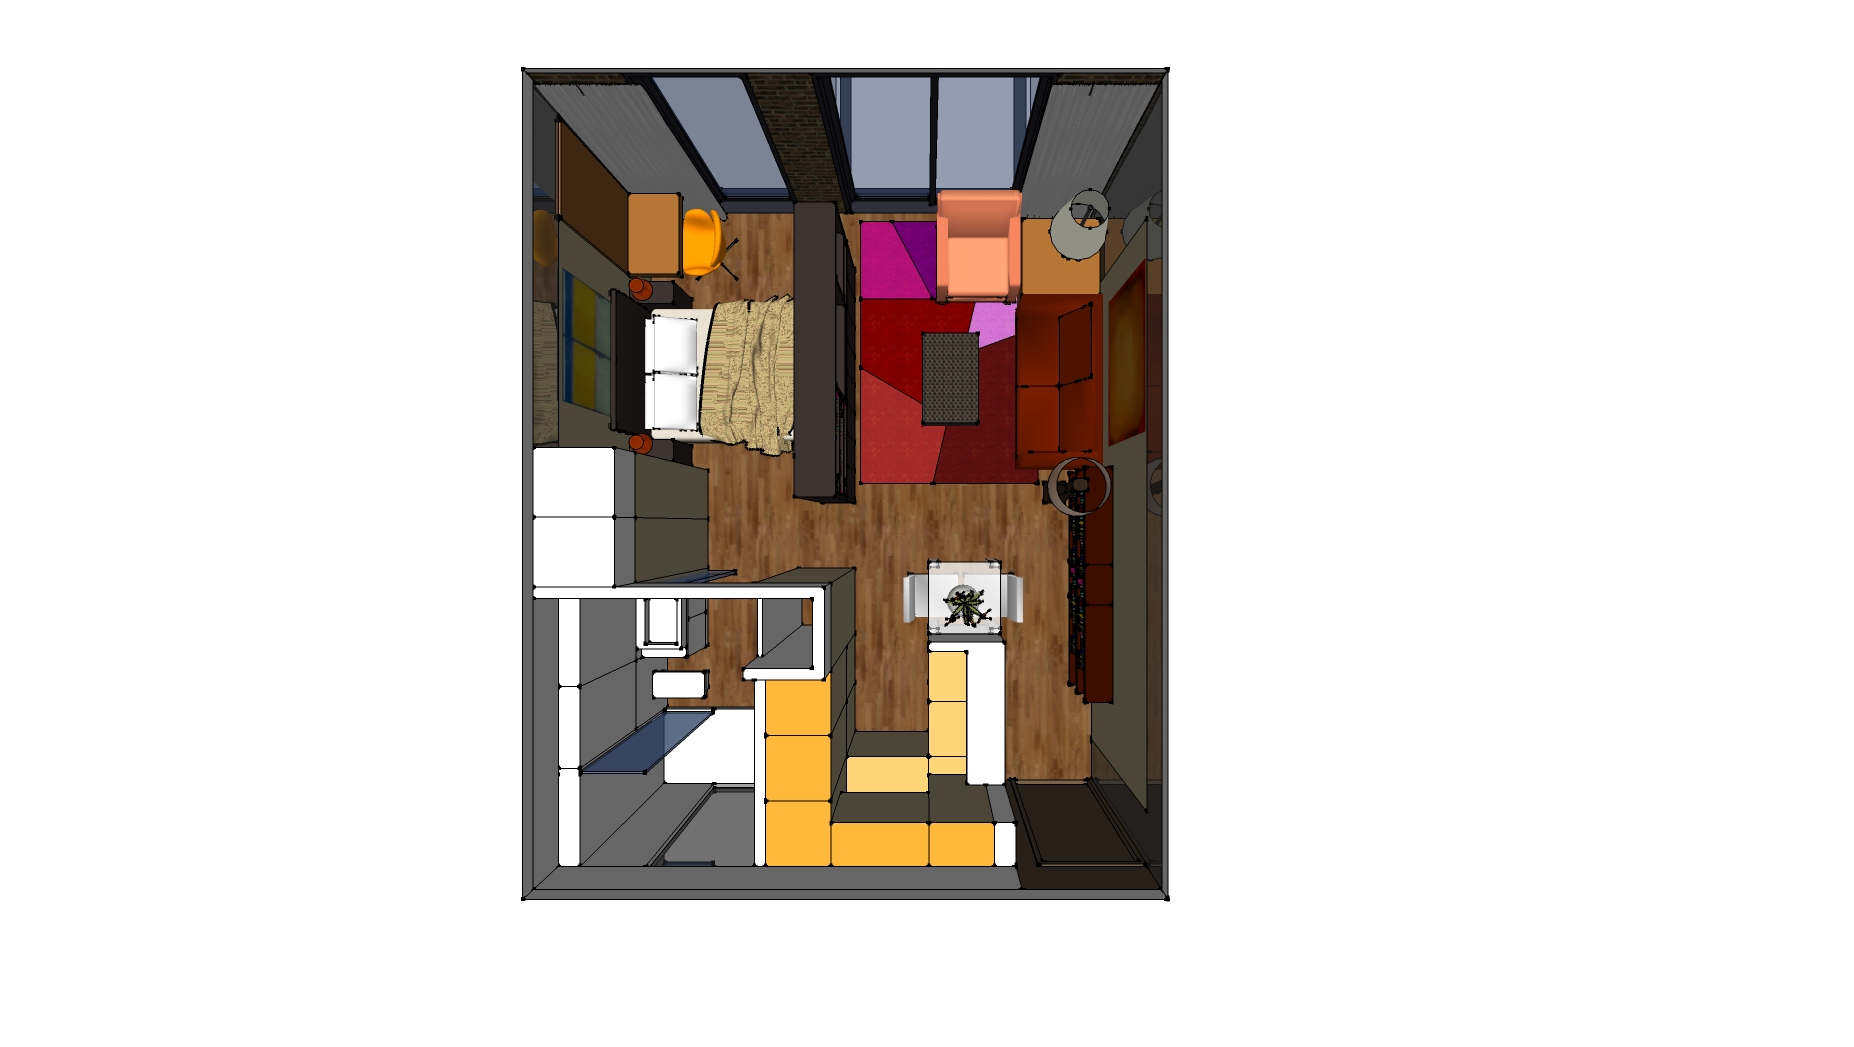 UNIT_37sqm_square shape_View 101